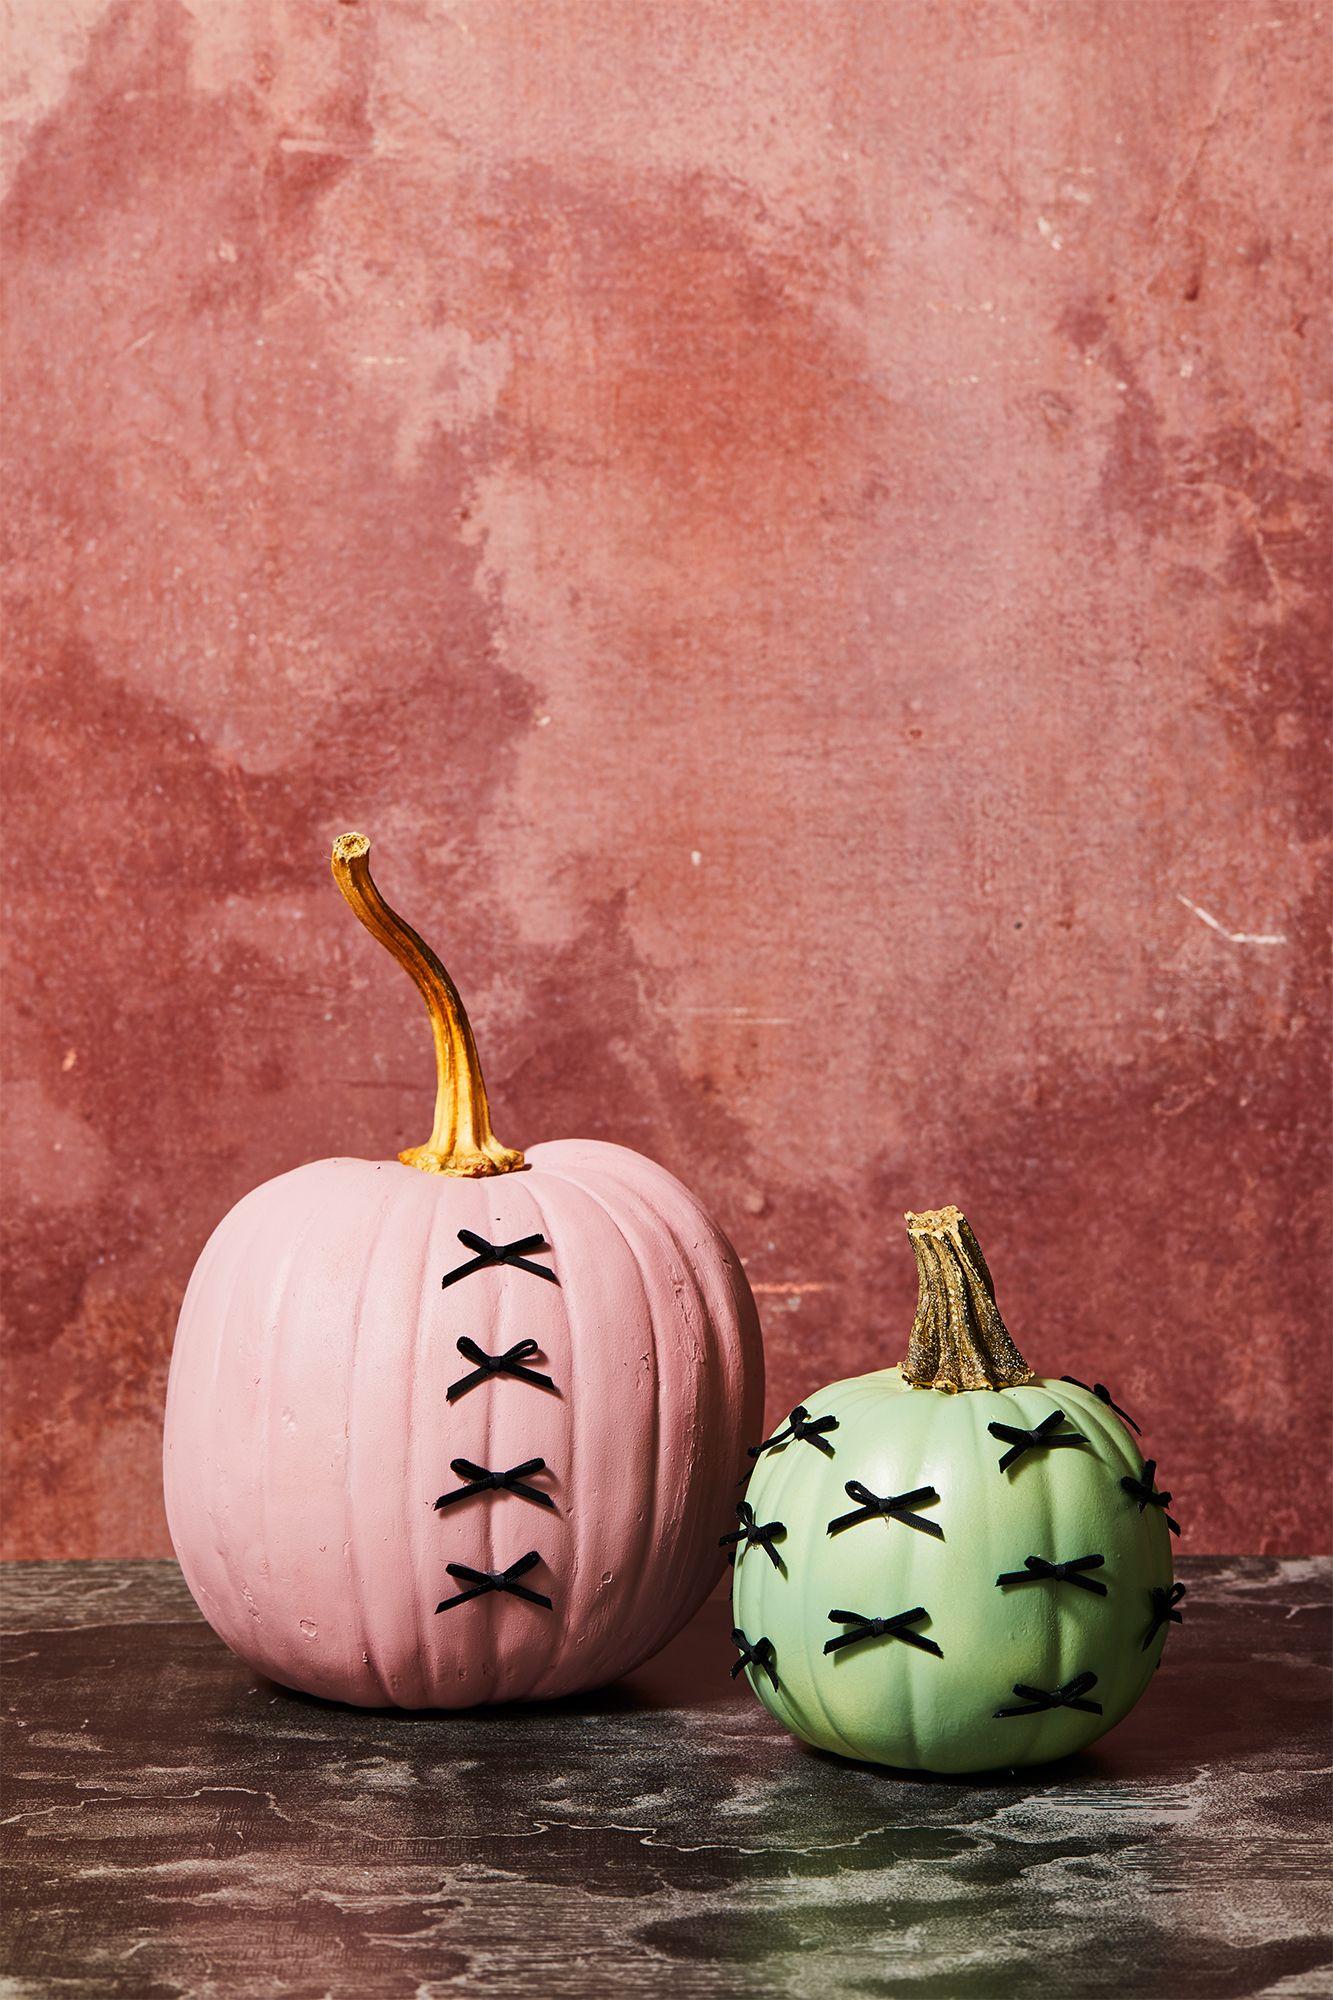 59 Pumpkin Painting Ideas Painted Pumpkins For Halloween 2020